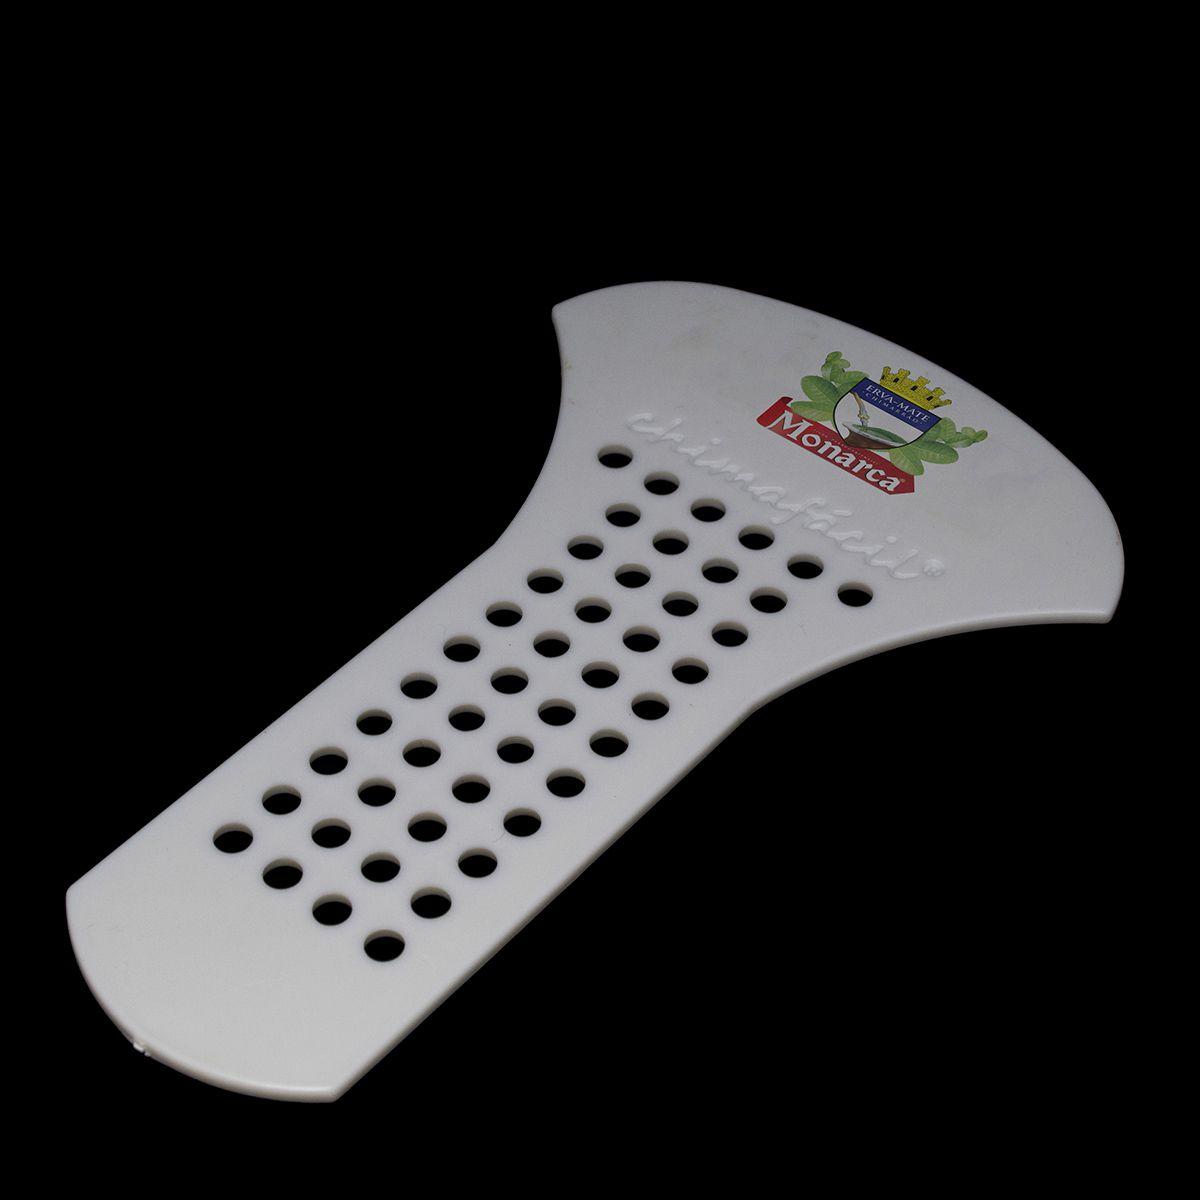 100 Cevadores Personalizado Chimafácil em plástico